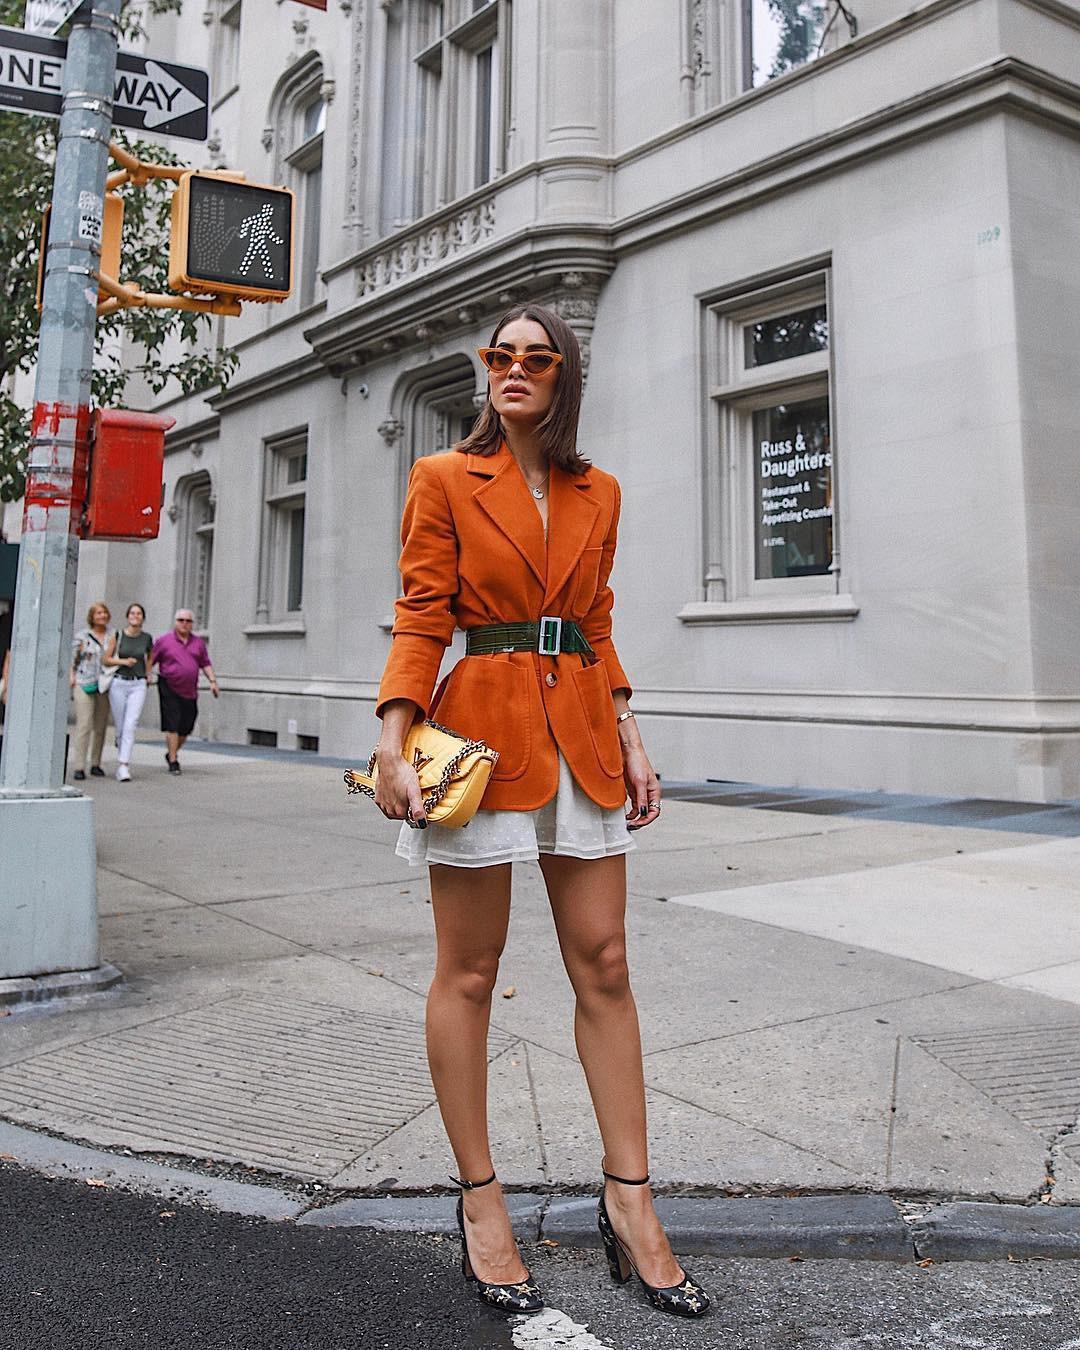 Жакет прямого кроя сбольшими накладными карманами налюбой фигуре будет смотреться гармонично. Но особенно подойдет девушкам со спортивным типом фигуры: широкими плечами иузкими бедрами...